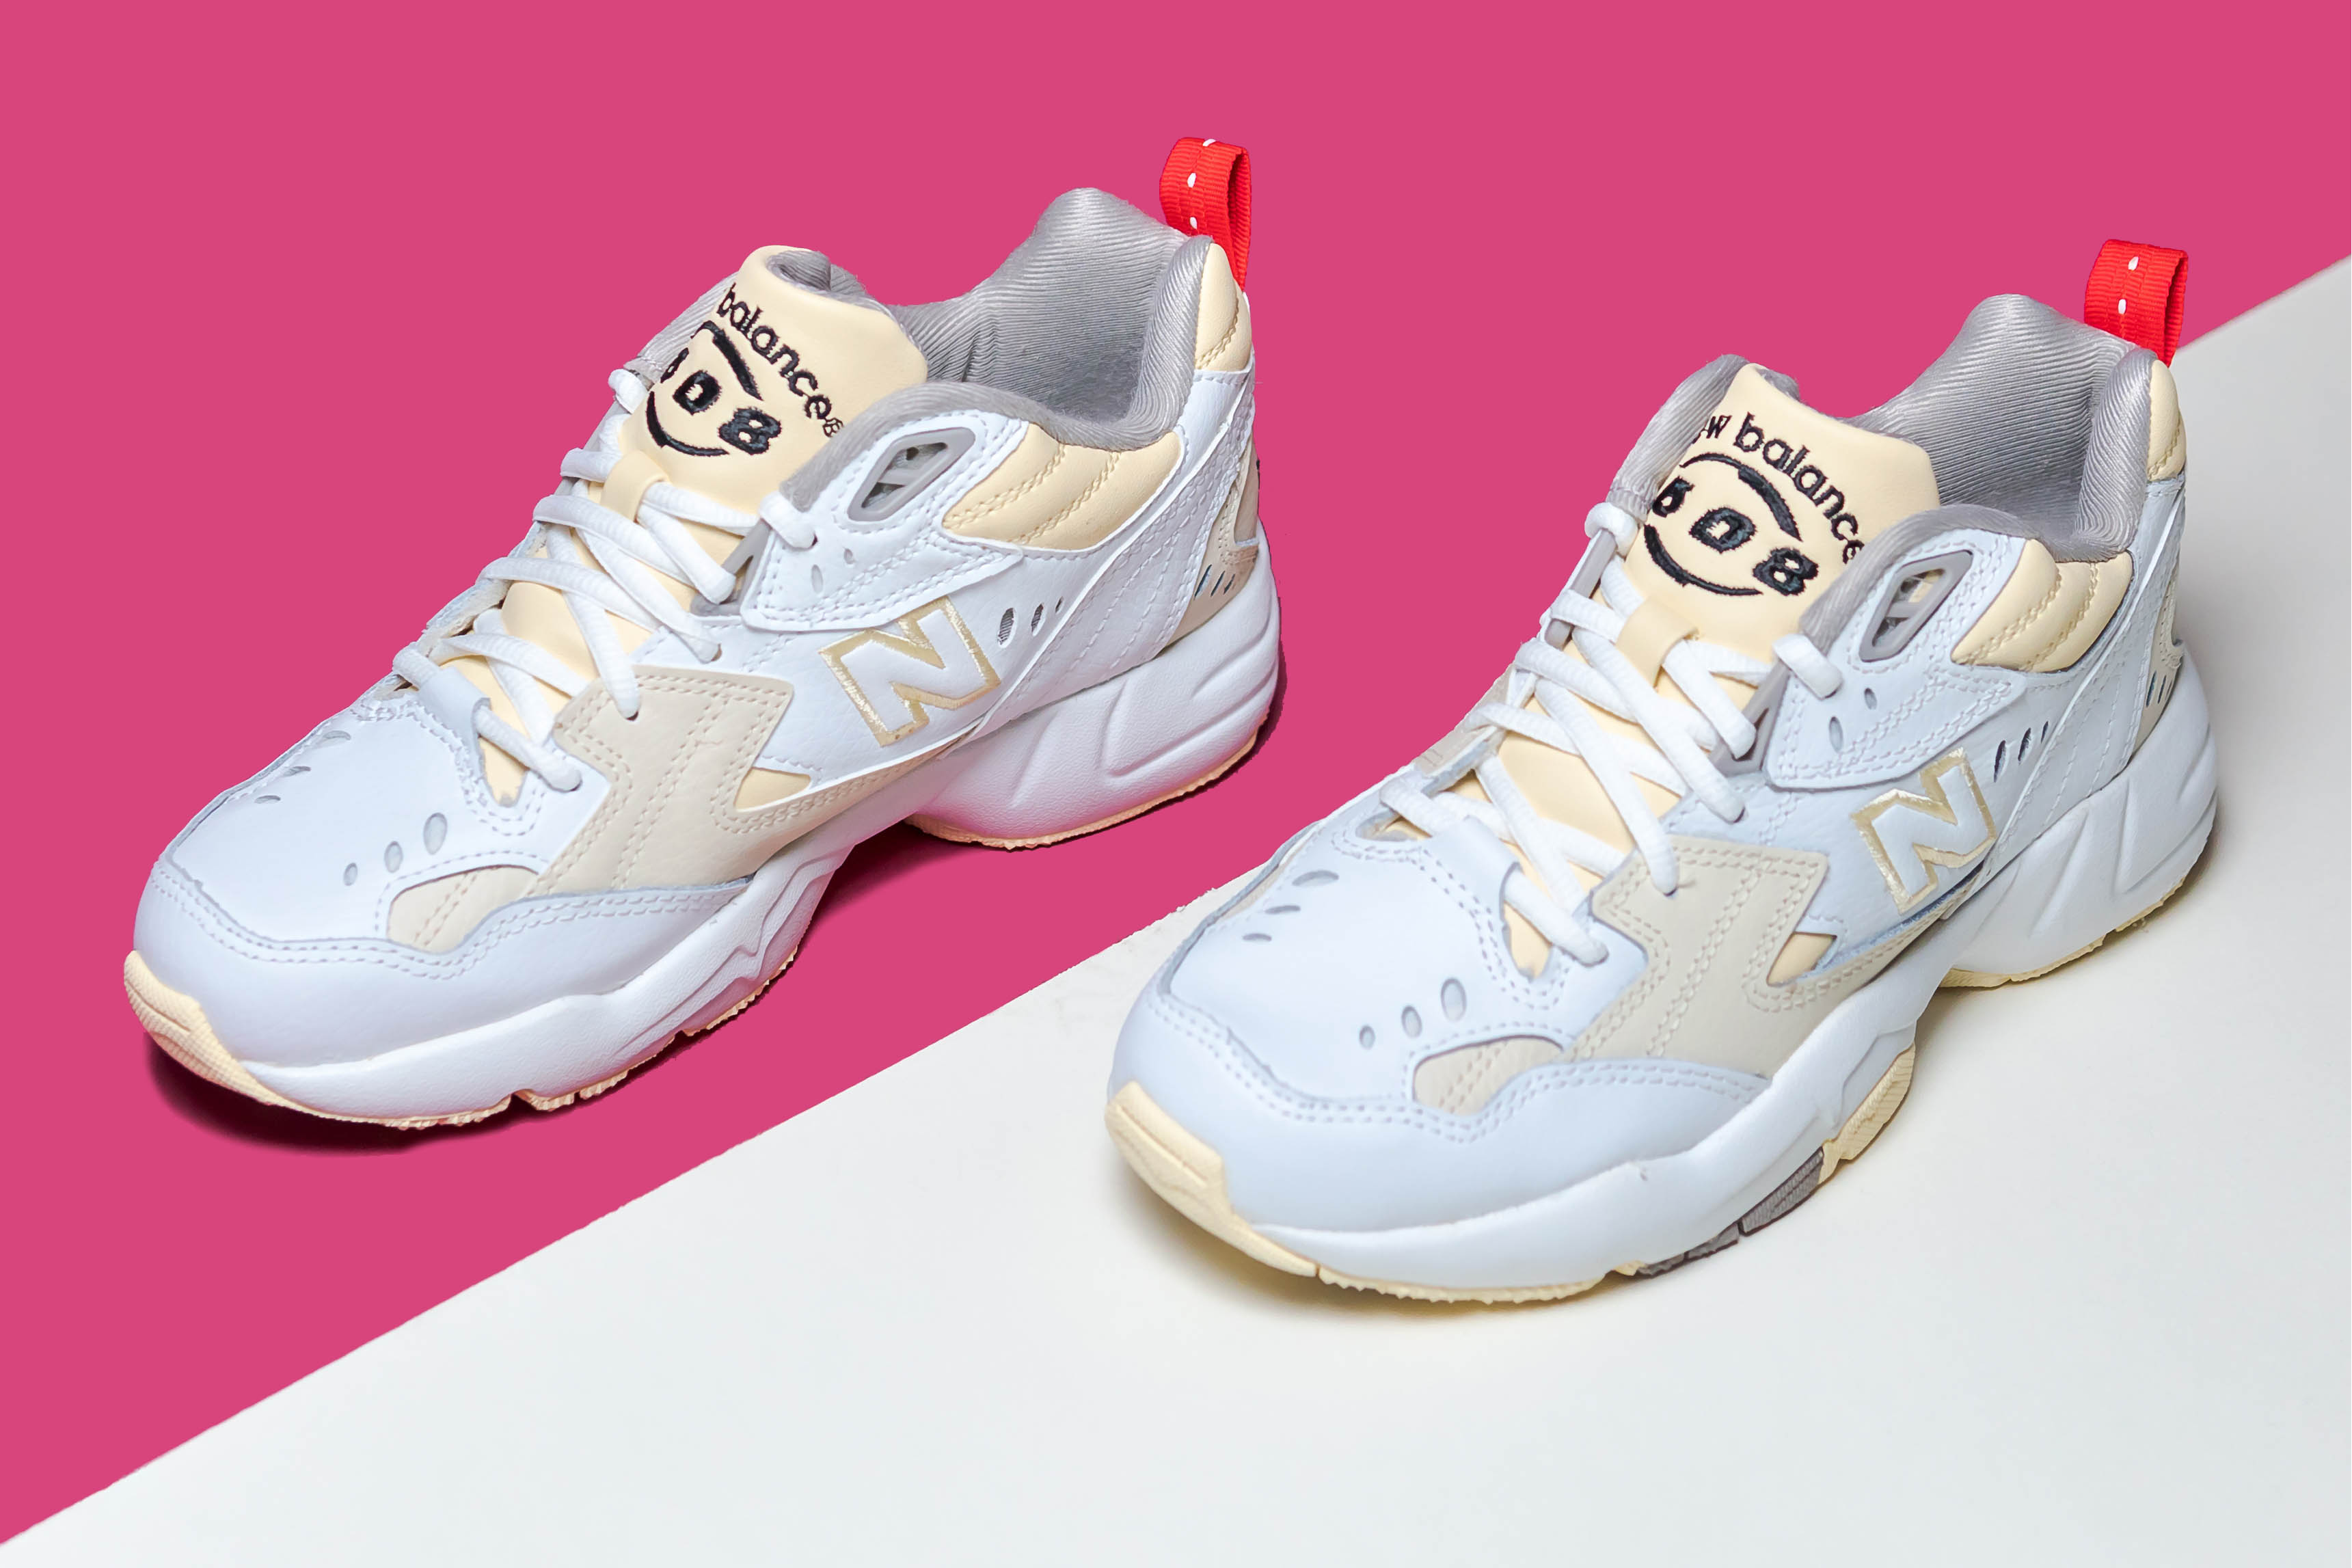 new balance 608 trainers white cream